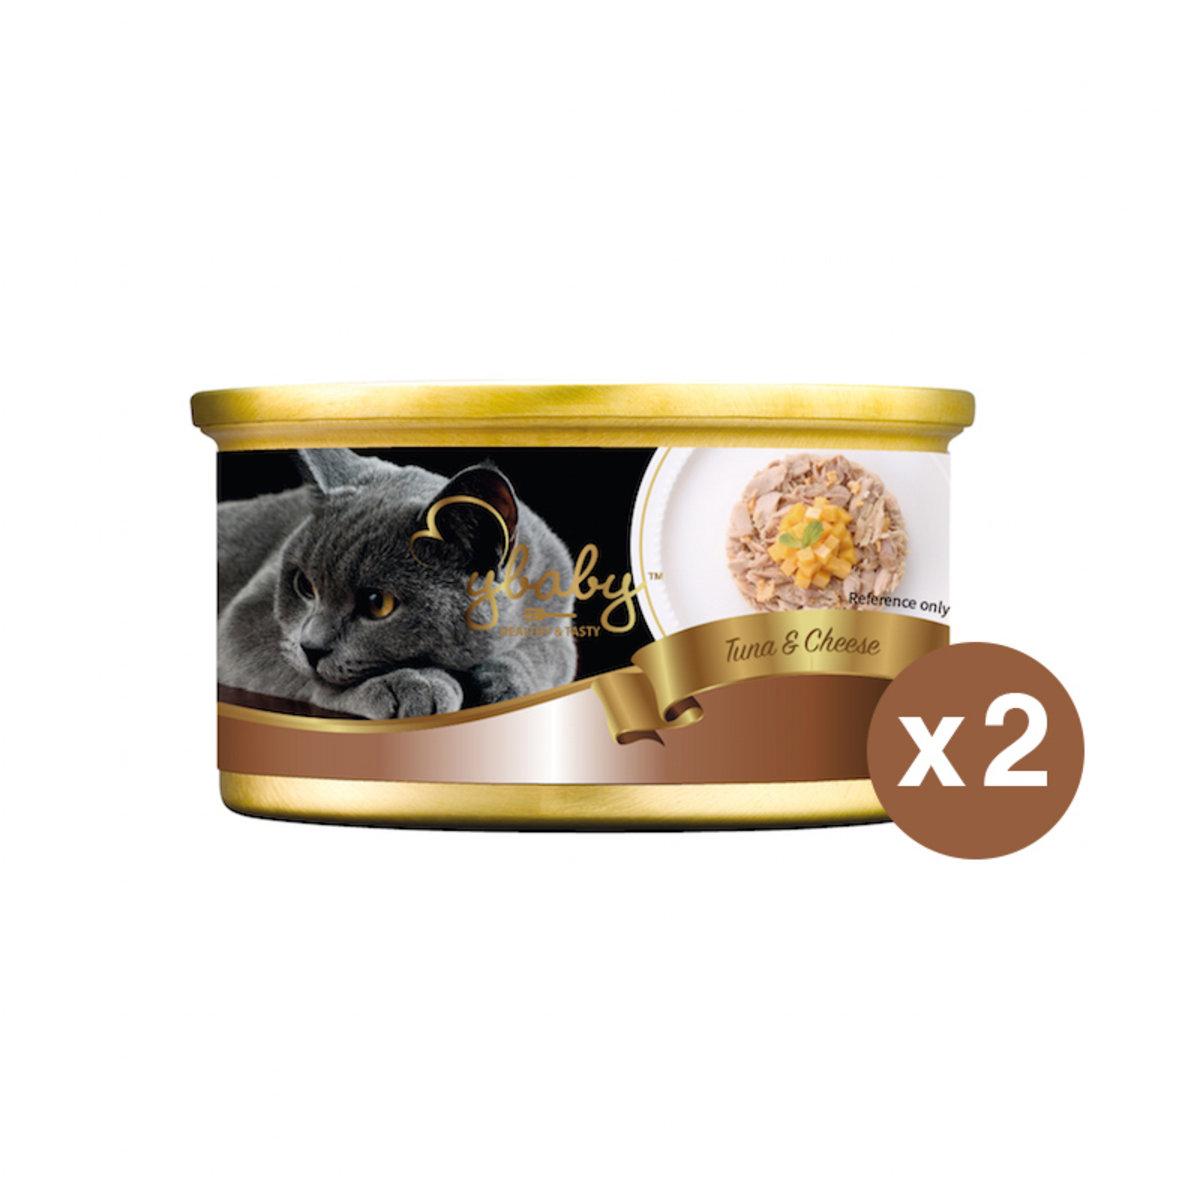 孖罐裝 吞拿魚 & 芝士 - 貓濕糧(85g×2)